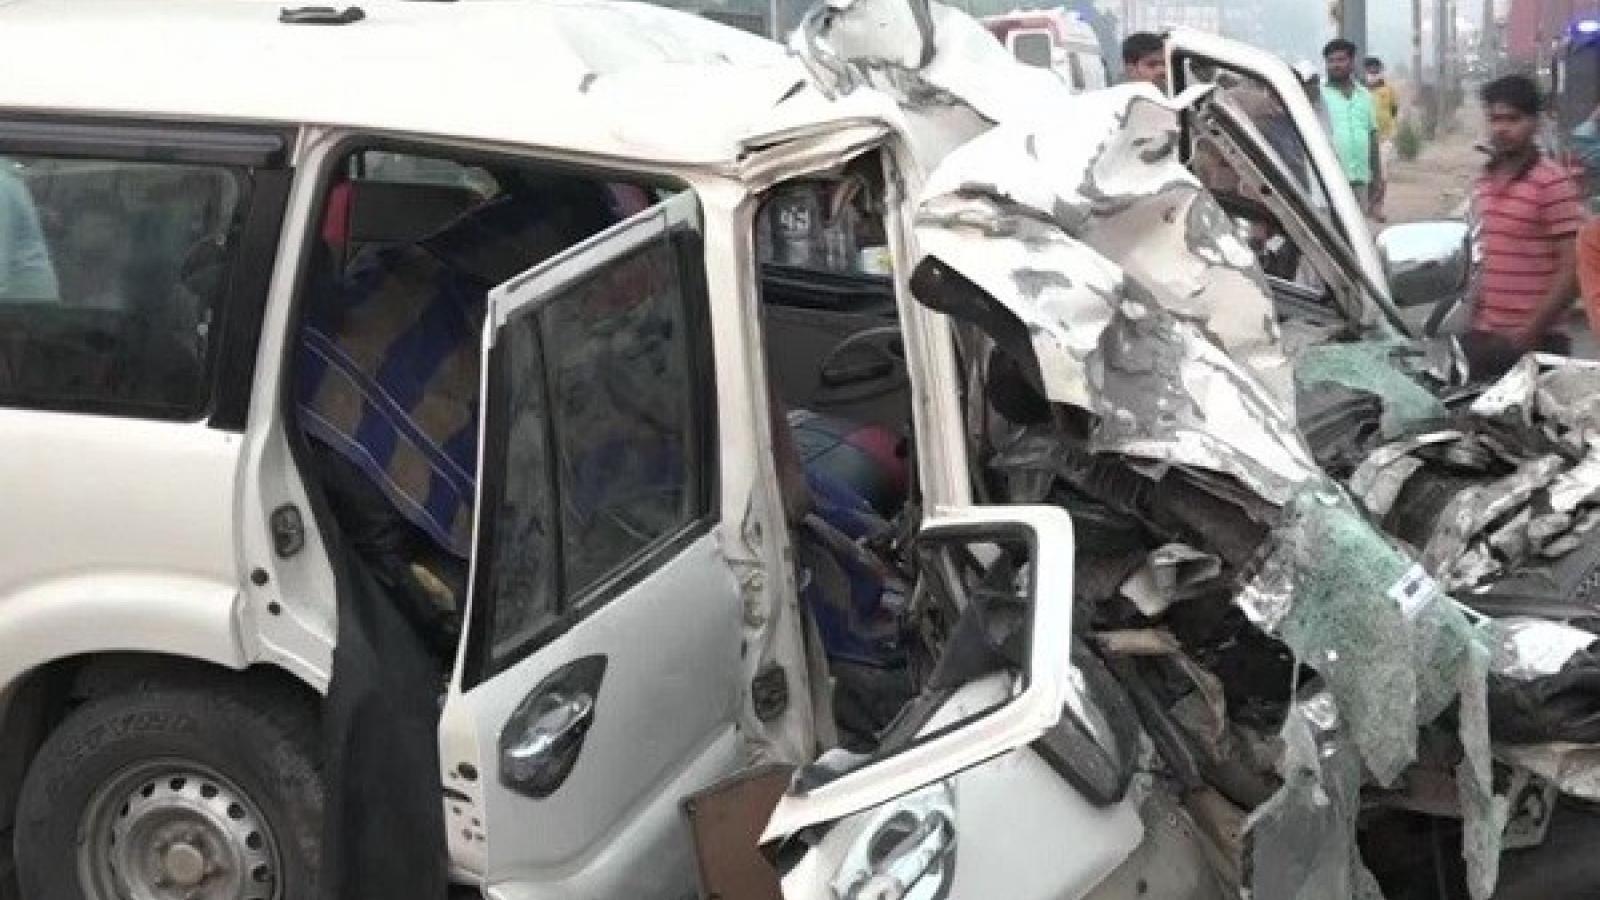 Ít nhất 9 người thiệt mạng trong vụ tai nạn giao thông ở Ấn Độ